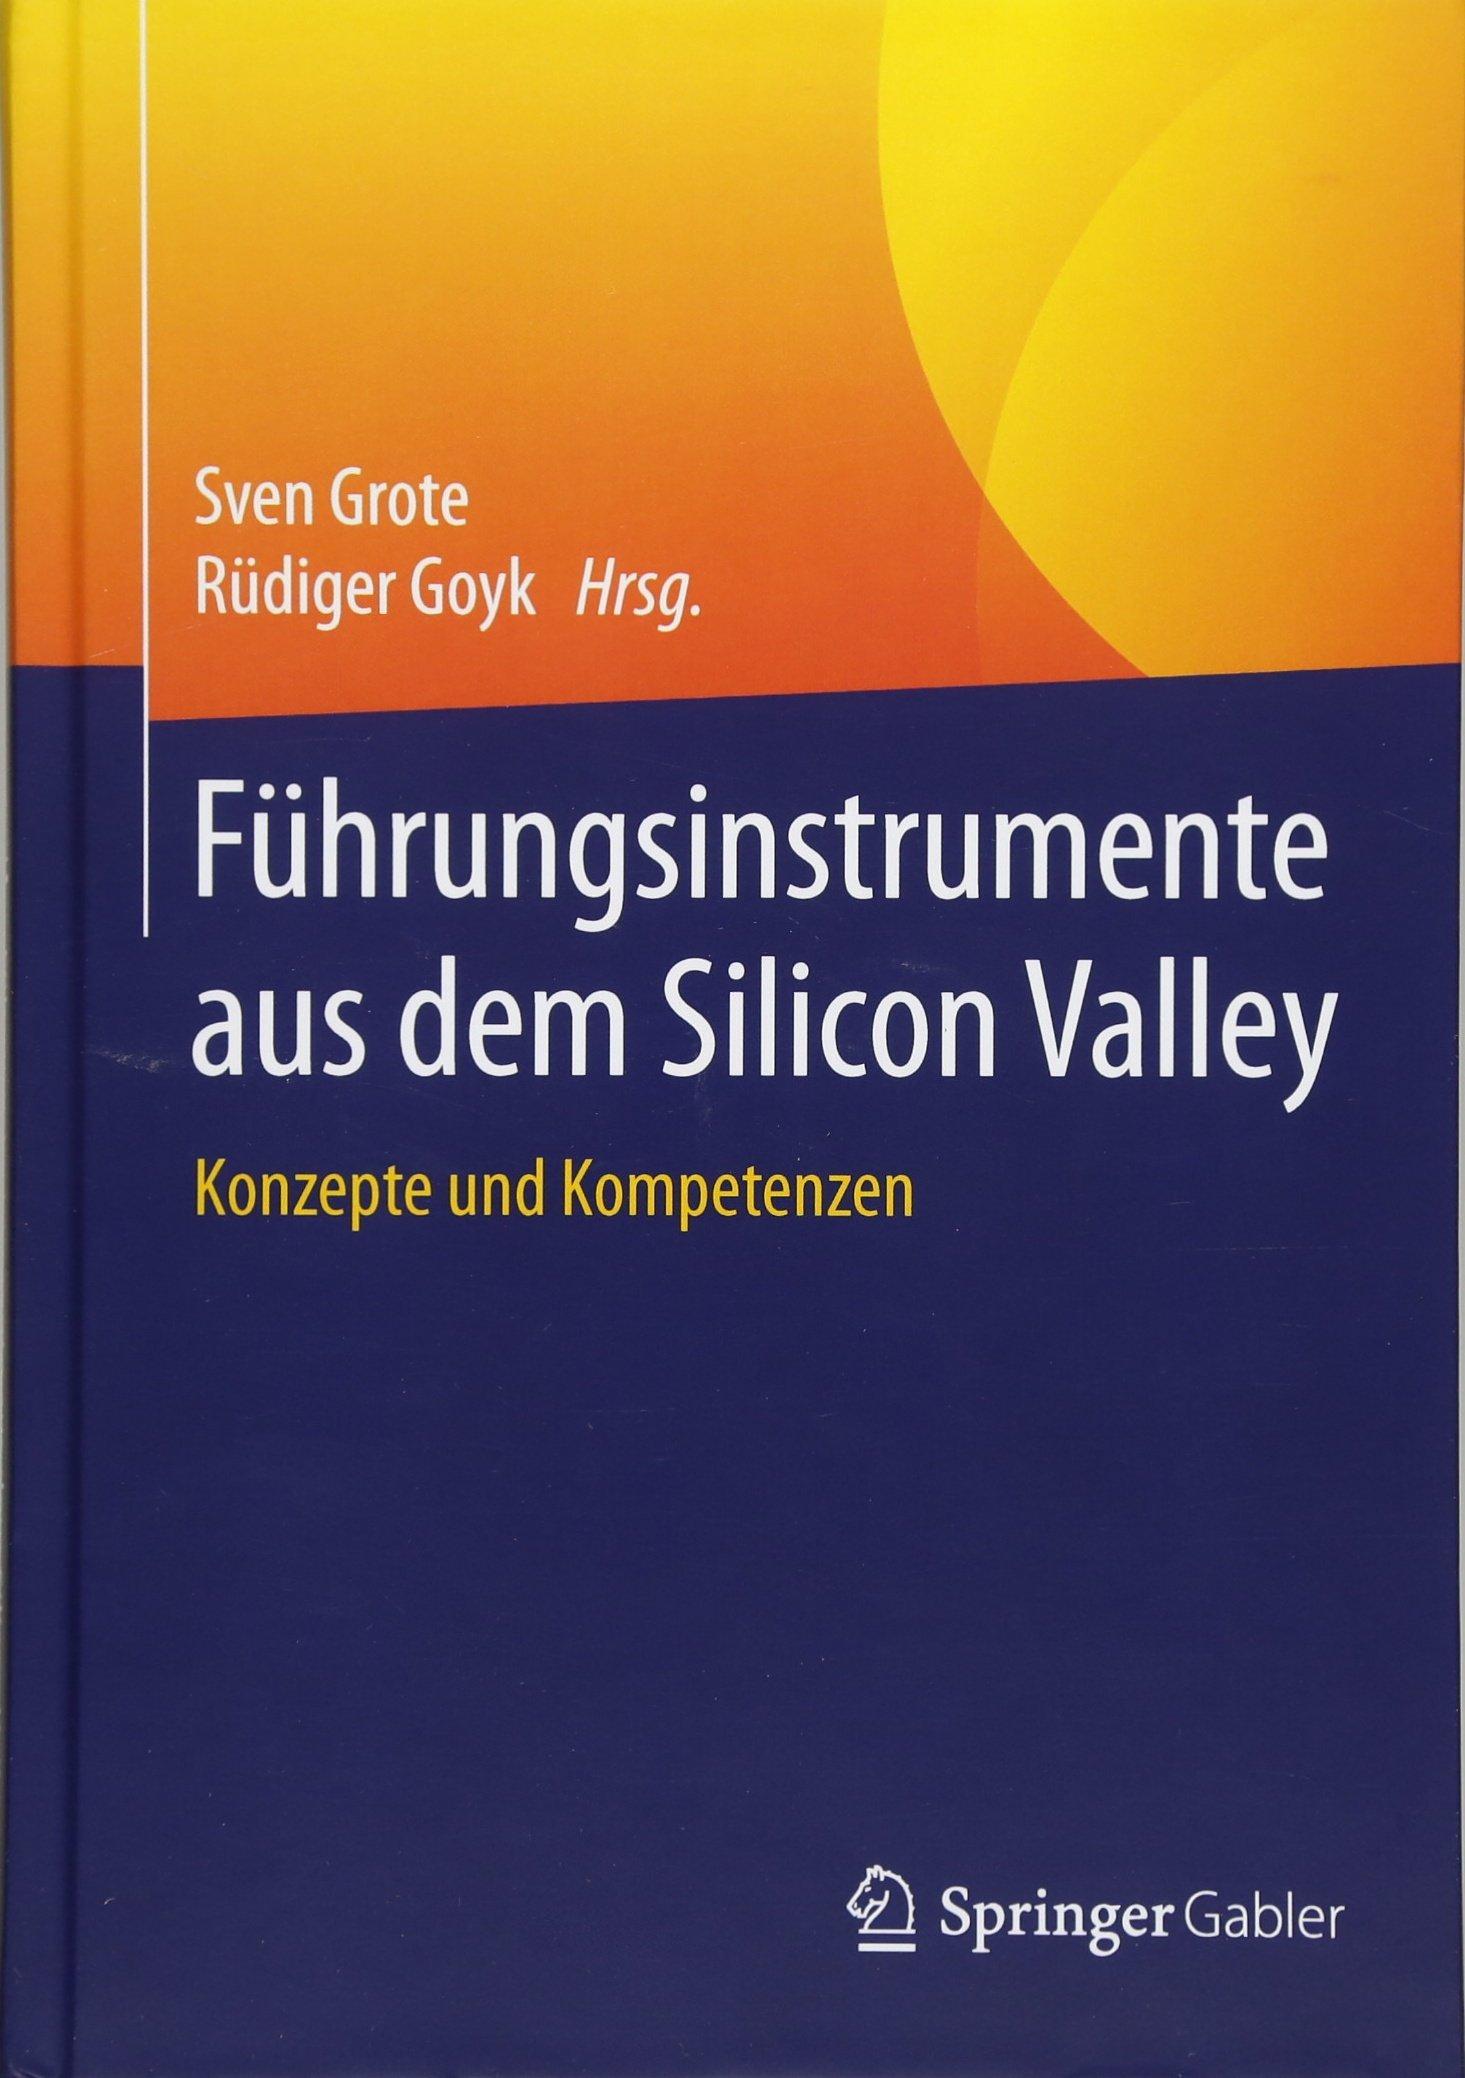 Führungsinstrumente aus dem Silicon Valley: Konzepte und Kompetenzen Gebundenes Buch – 11. Dezember 2017 Sven Grote Rüdiger Goyk Springer Gabler 3662548844